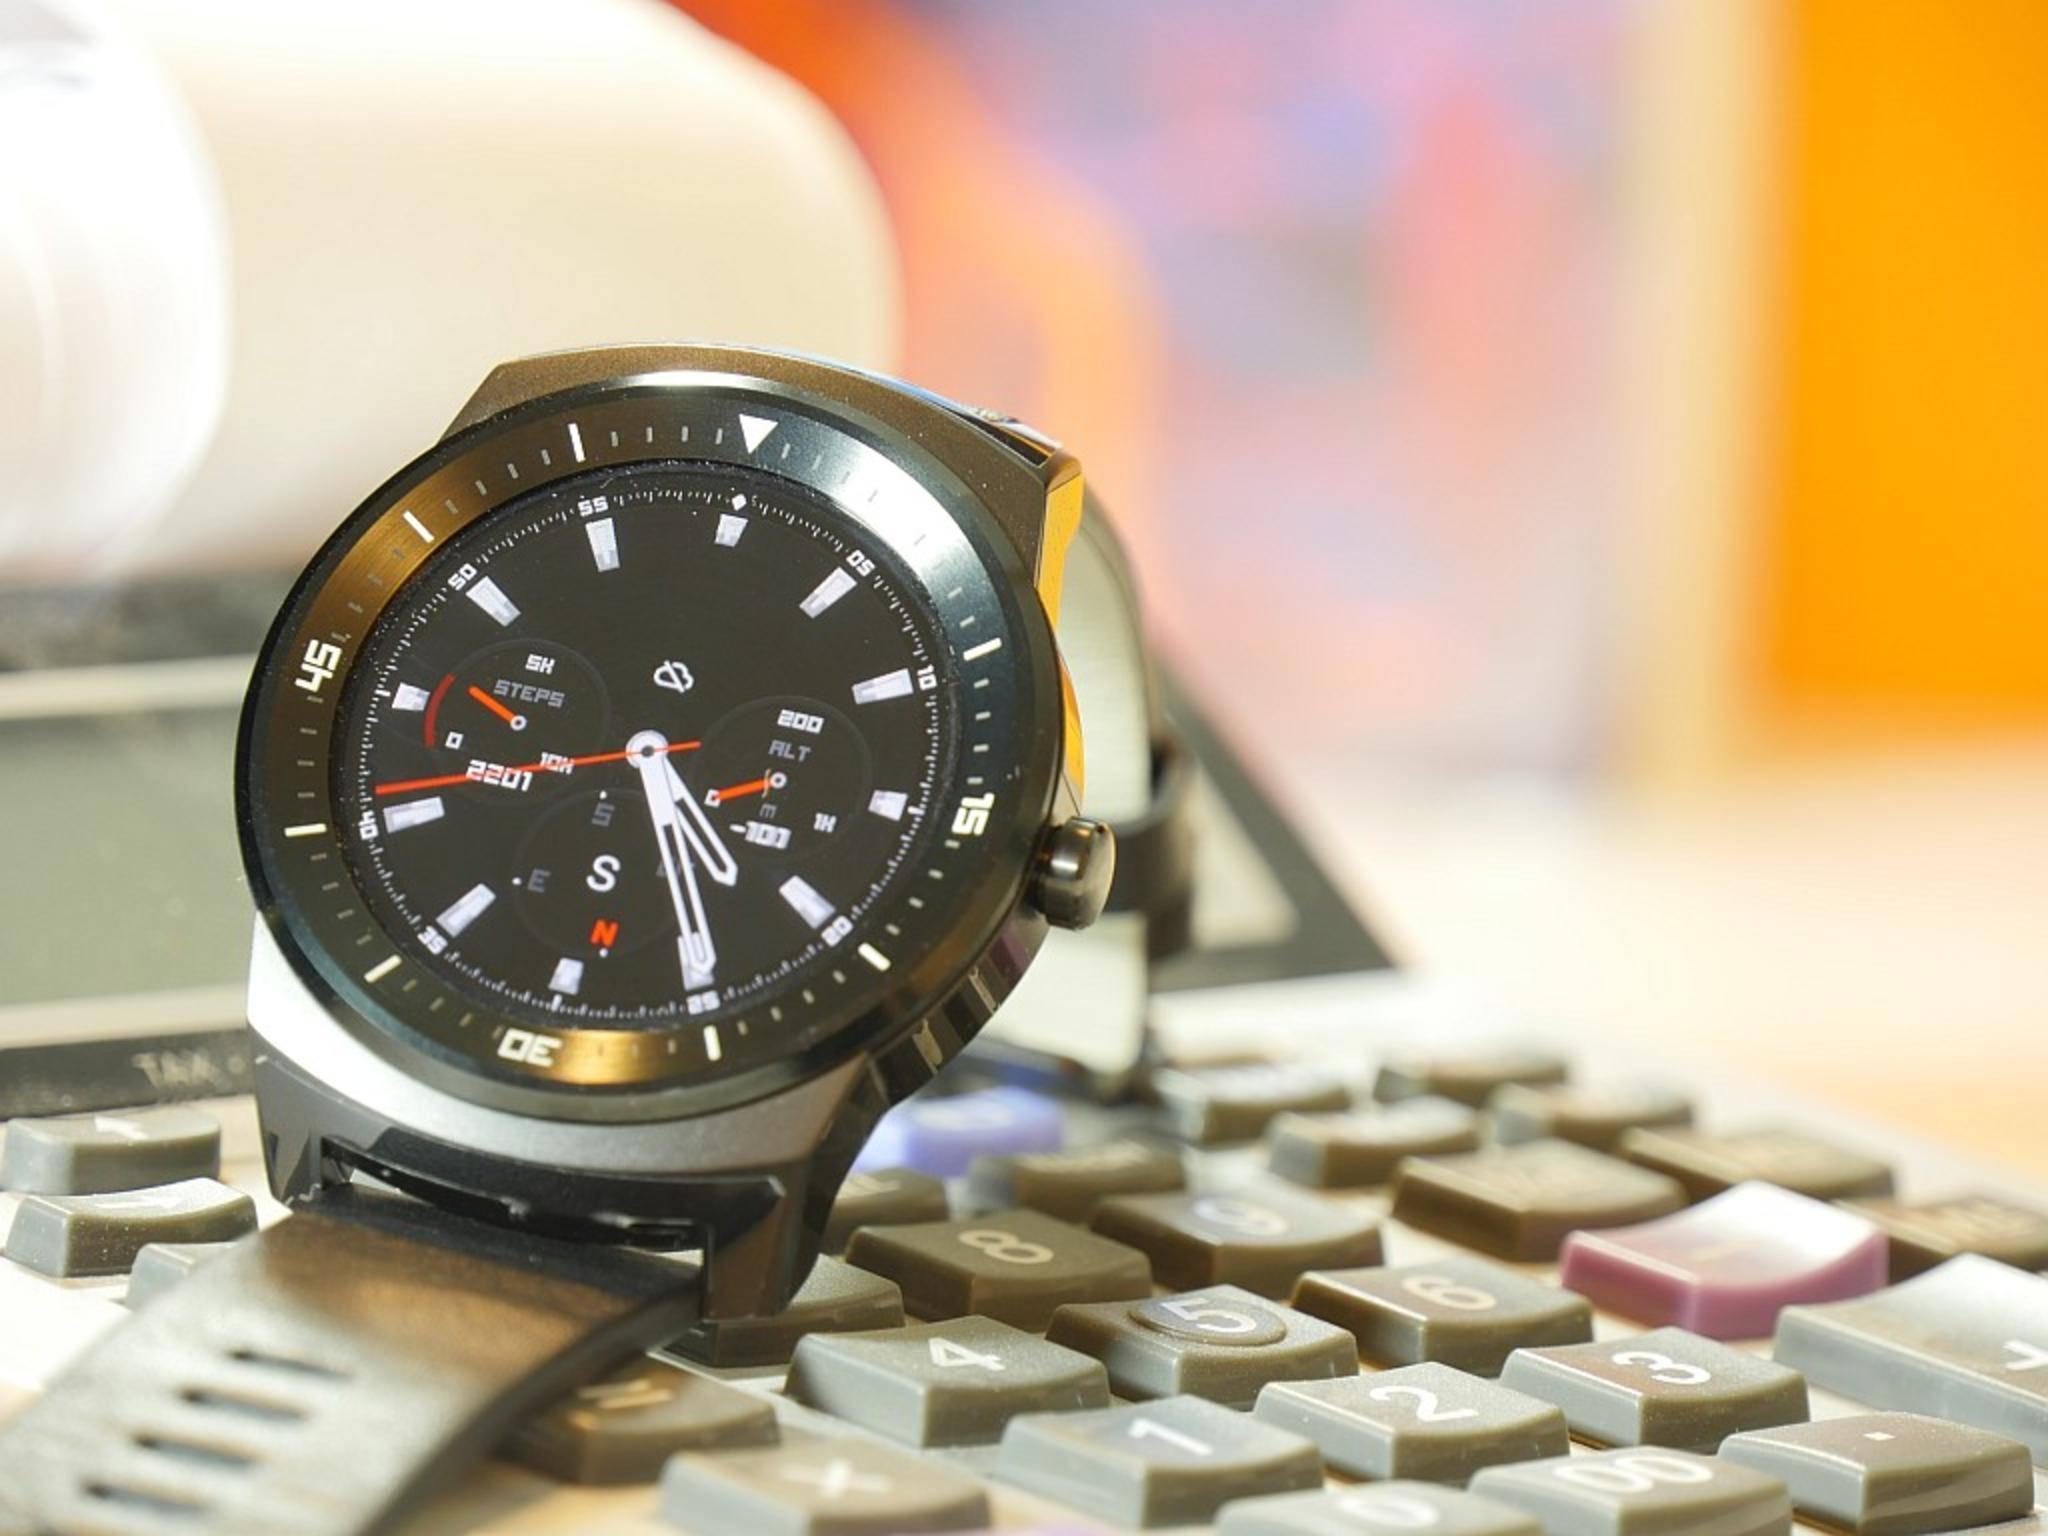 """""""Ehrlich, ich wollte nur mal gucken, wie spät es ist!"""" – Smartwatches und andere Uhren sind künftig an englischen Unis verboten."""